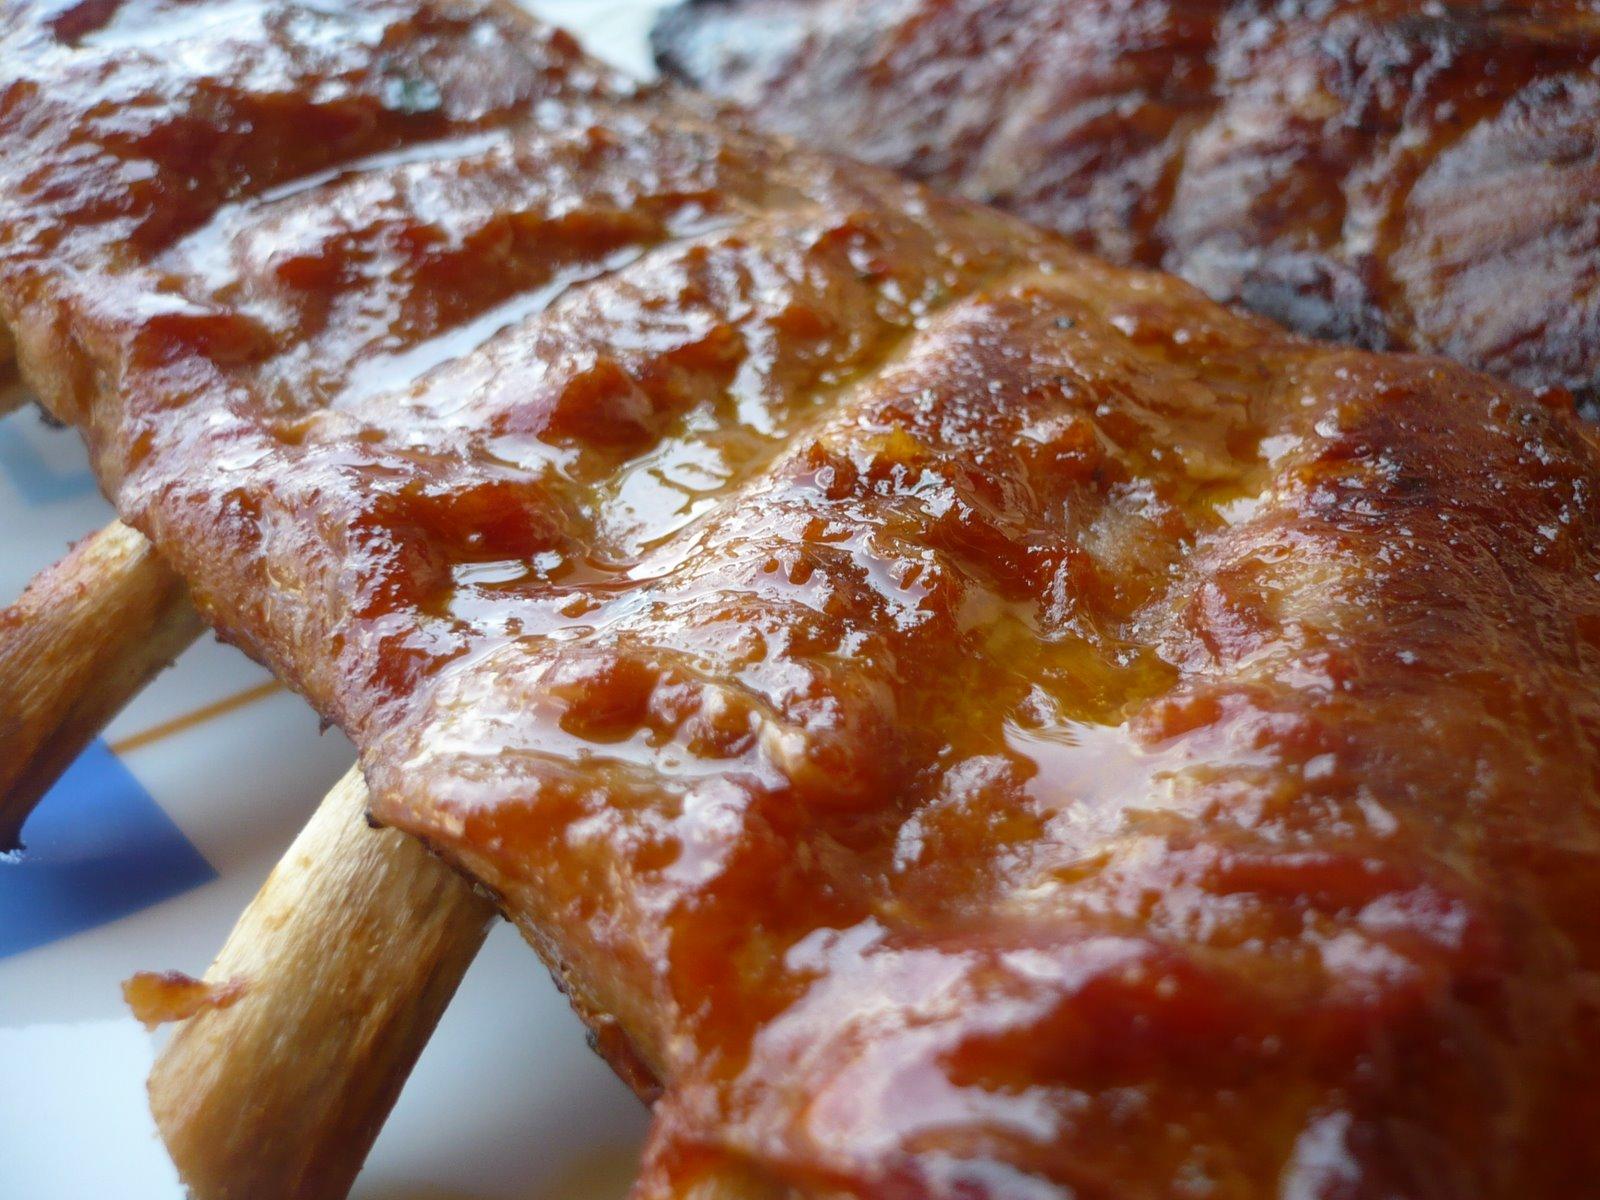 La salsa barbacoa - Costillas asadas